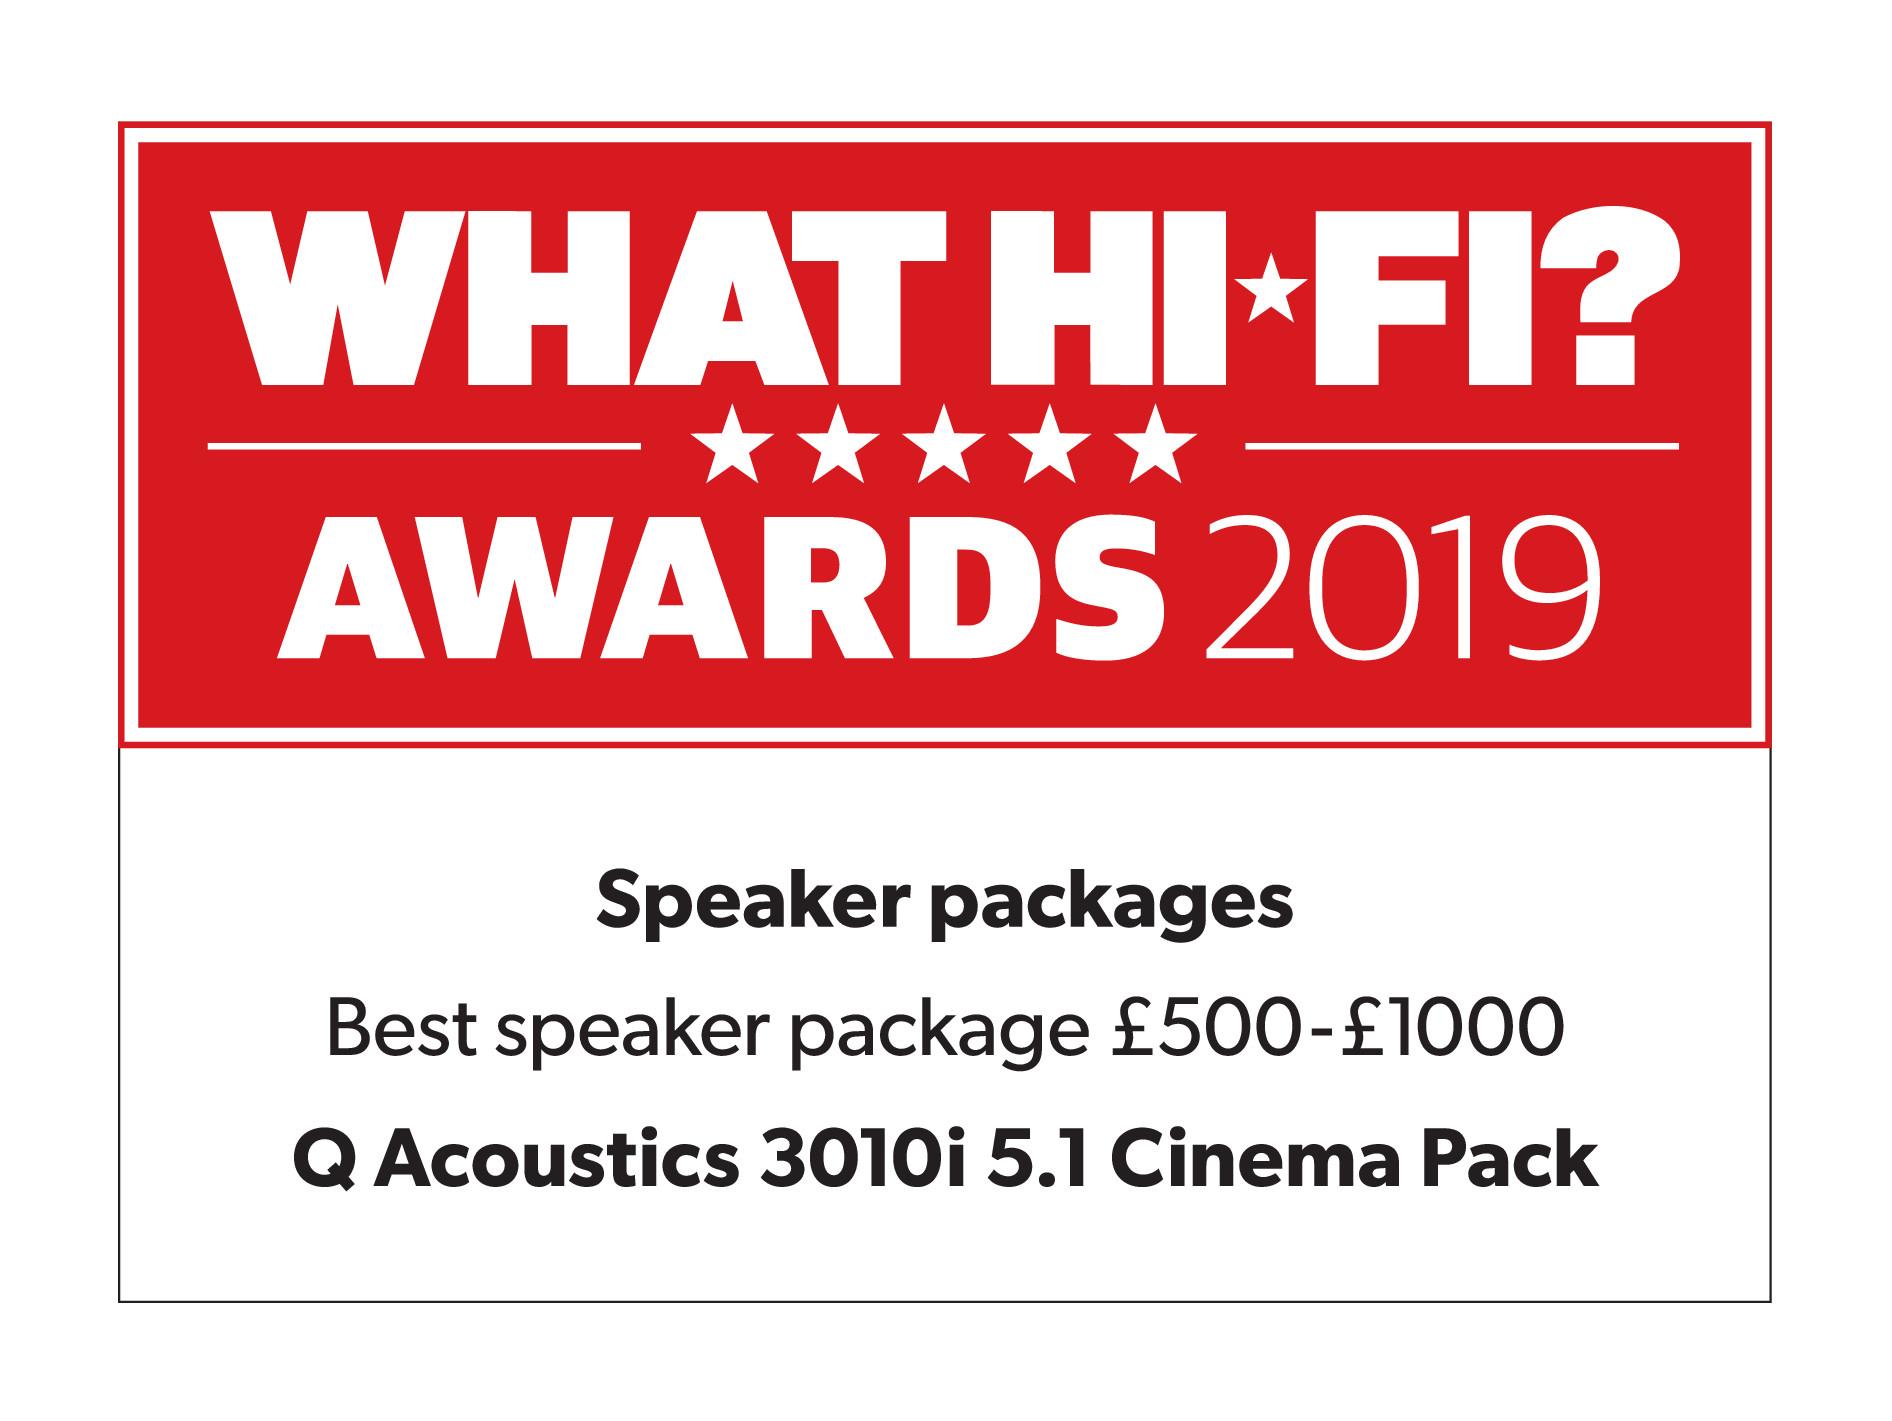 Q Acoustics 3010i Award